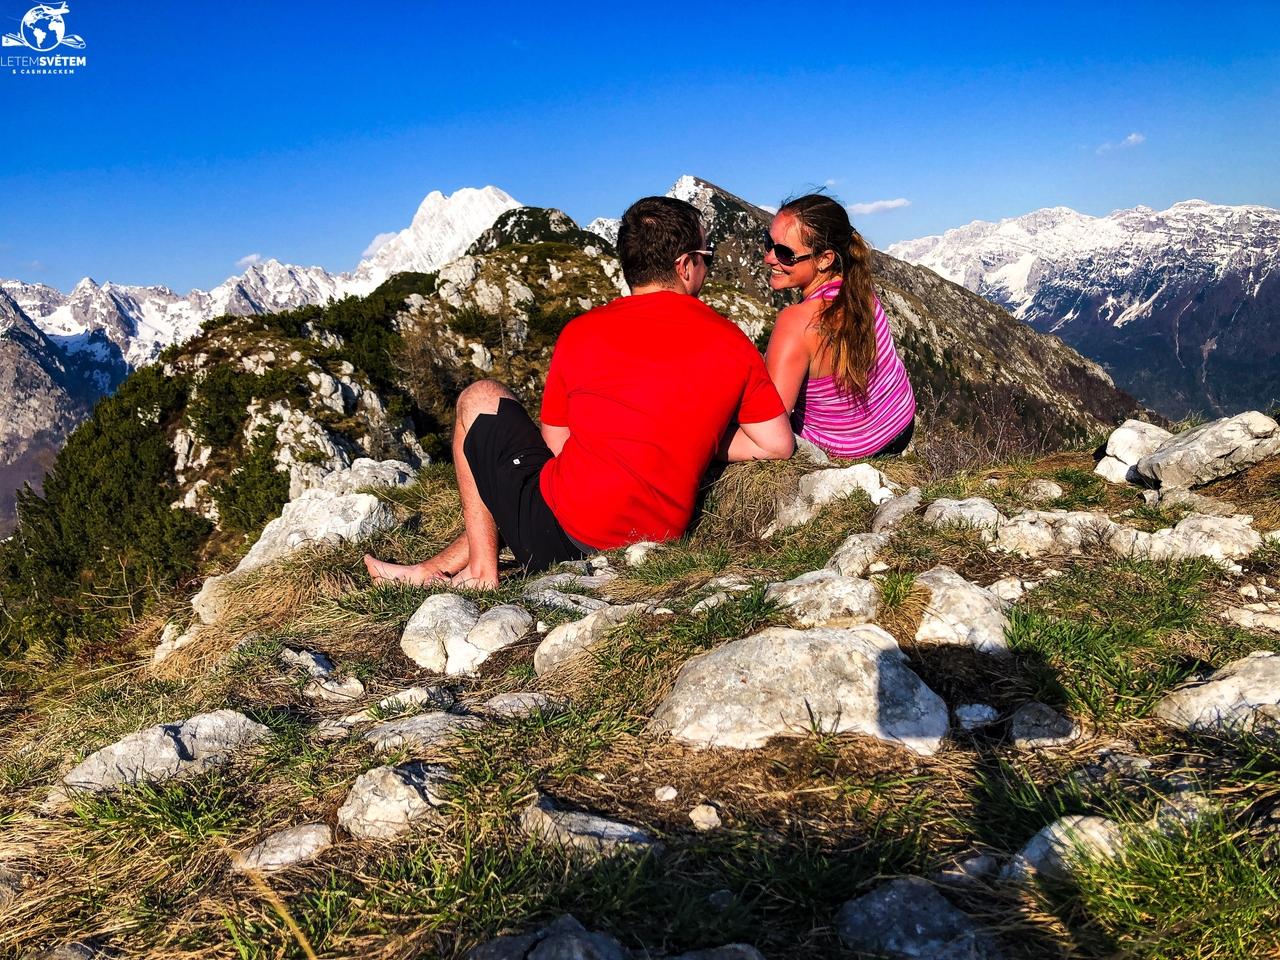 Velikonoční trojka: Rakousko, Slovinsko & Itálie. Hory, jezera i moře - za 3 dny